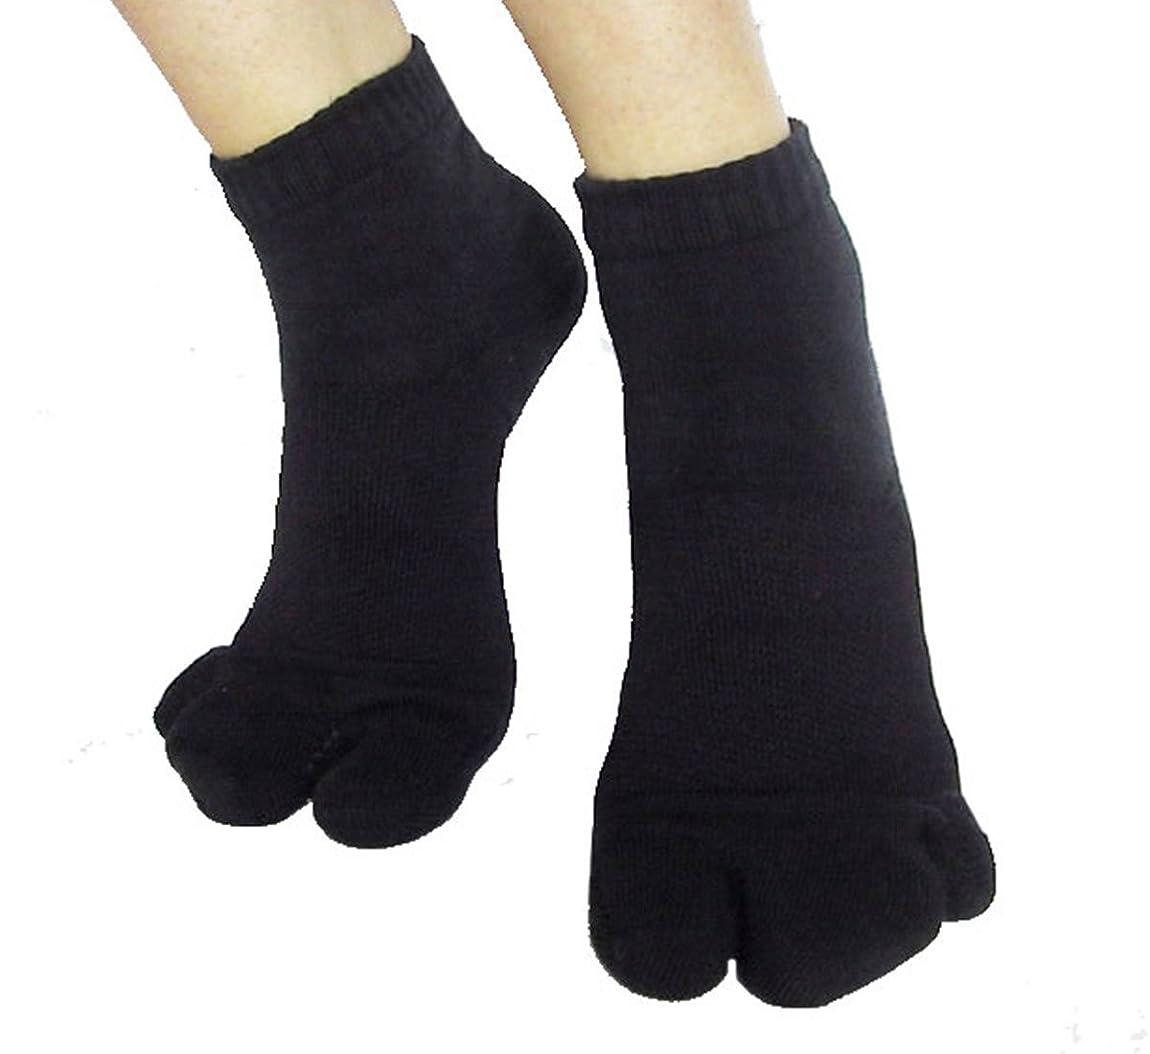 シンボル感度光カサハラ式サポーター ホソックス3本指テーピング靴下 ブラック S22-23cm